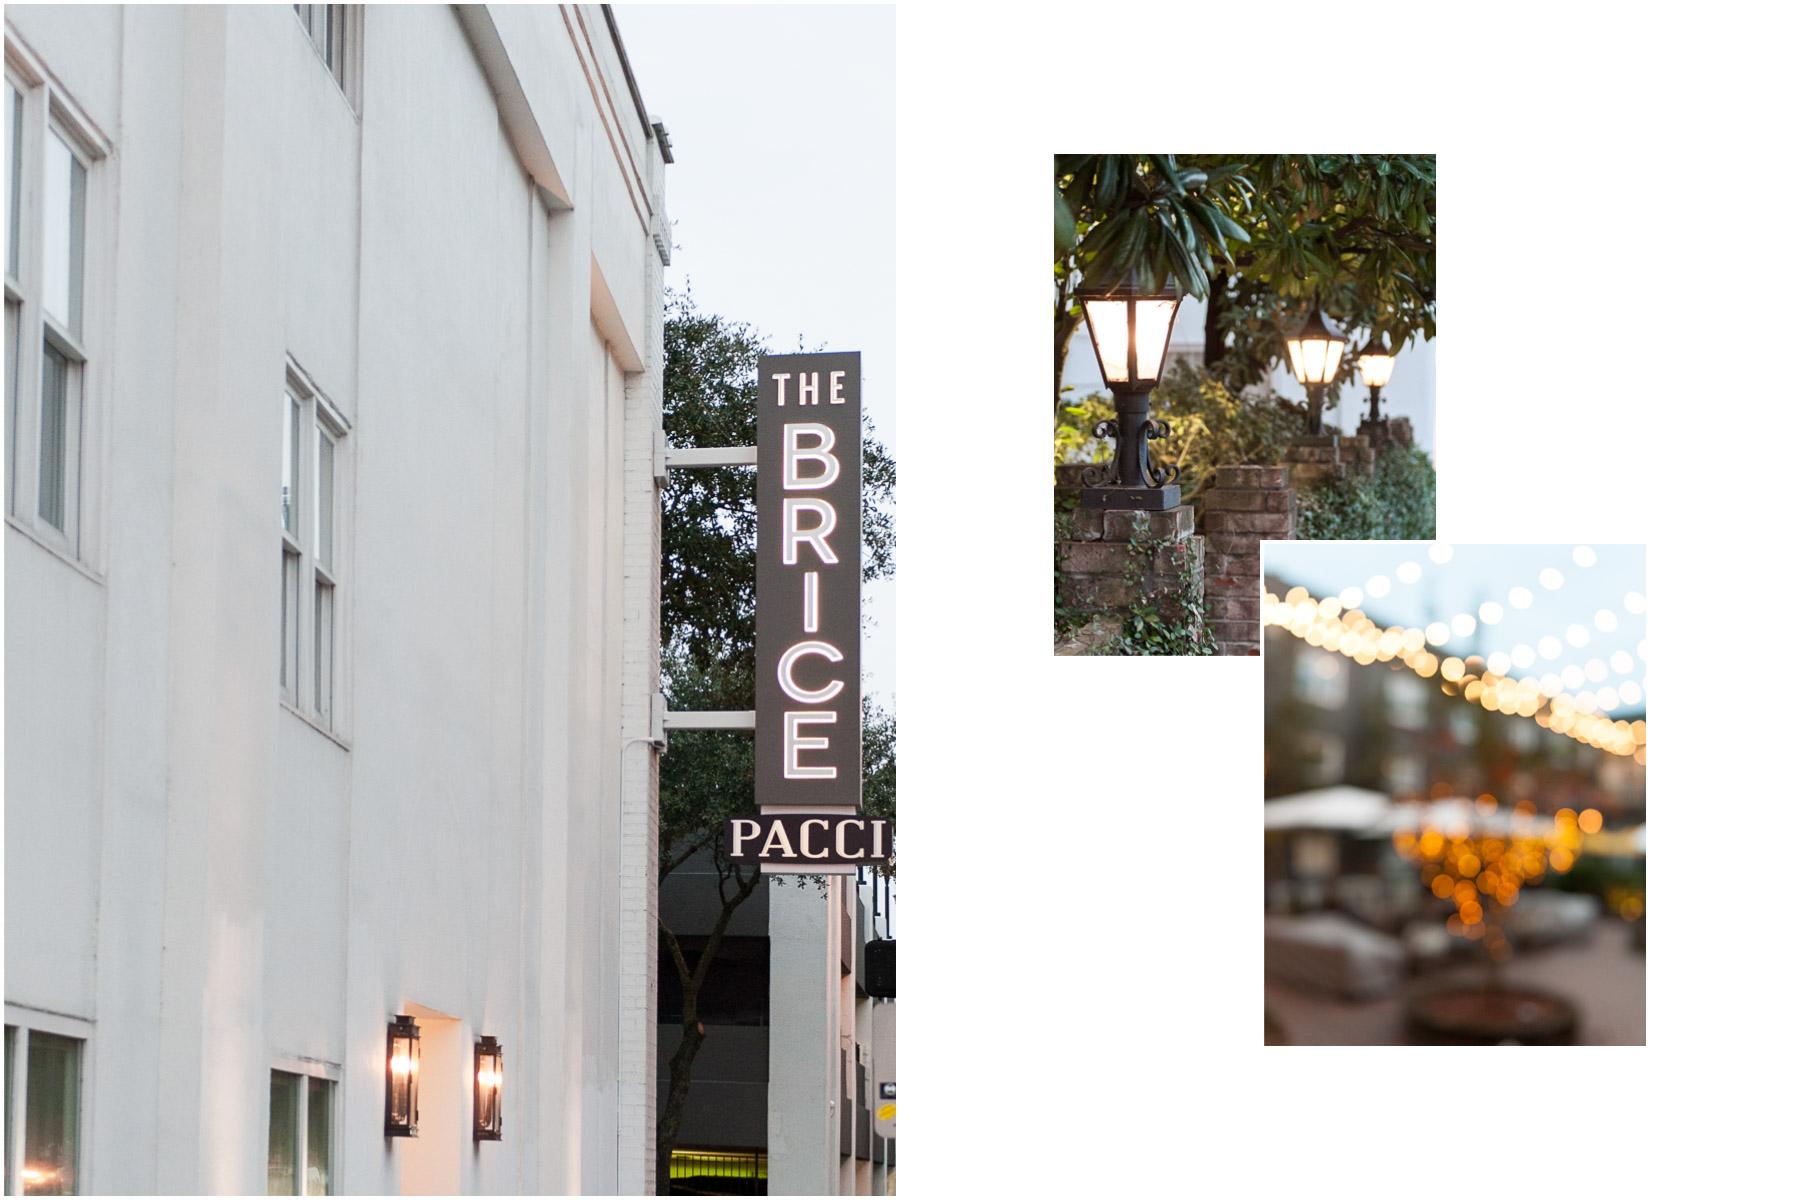 Brice-Hotel-Savannah-Georgia_1.jpg